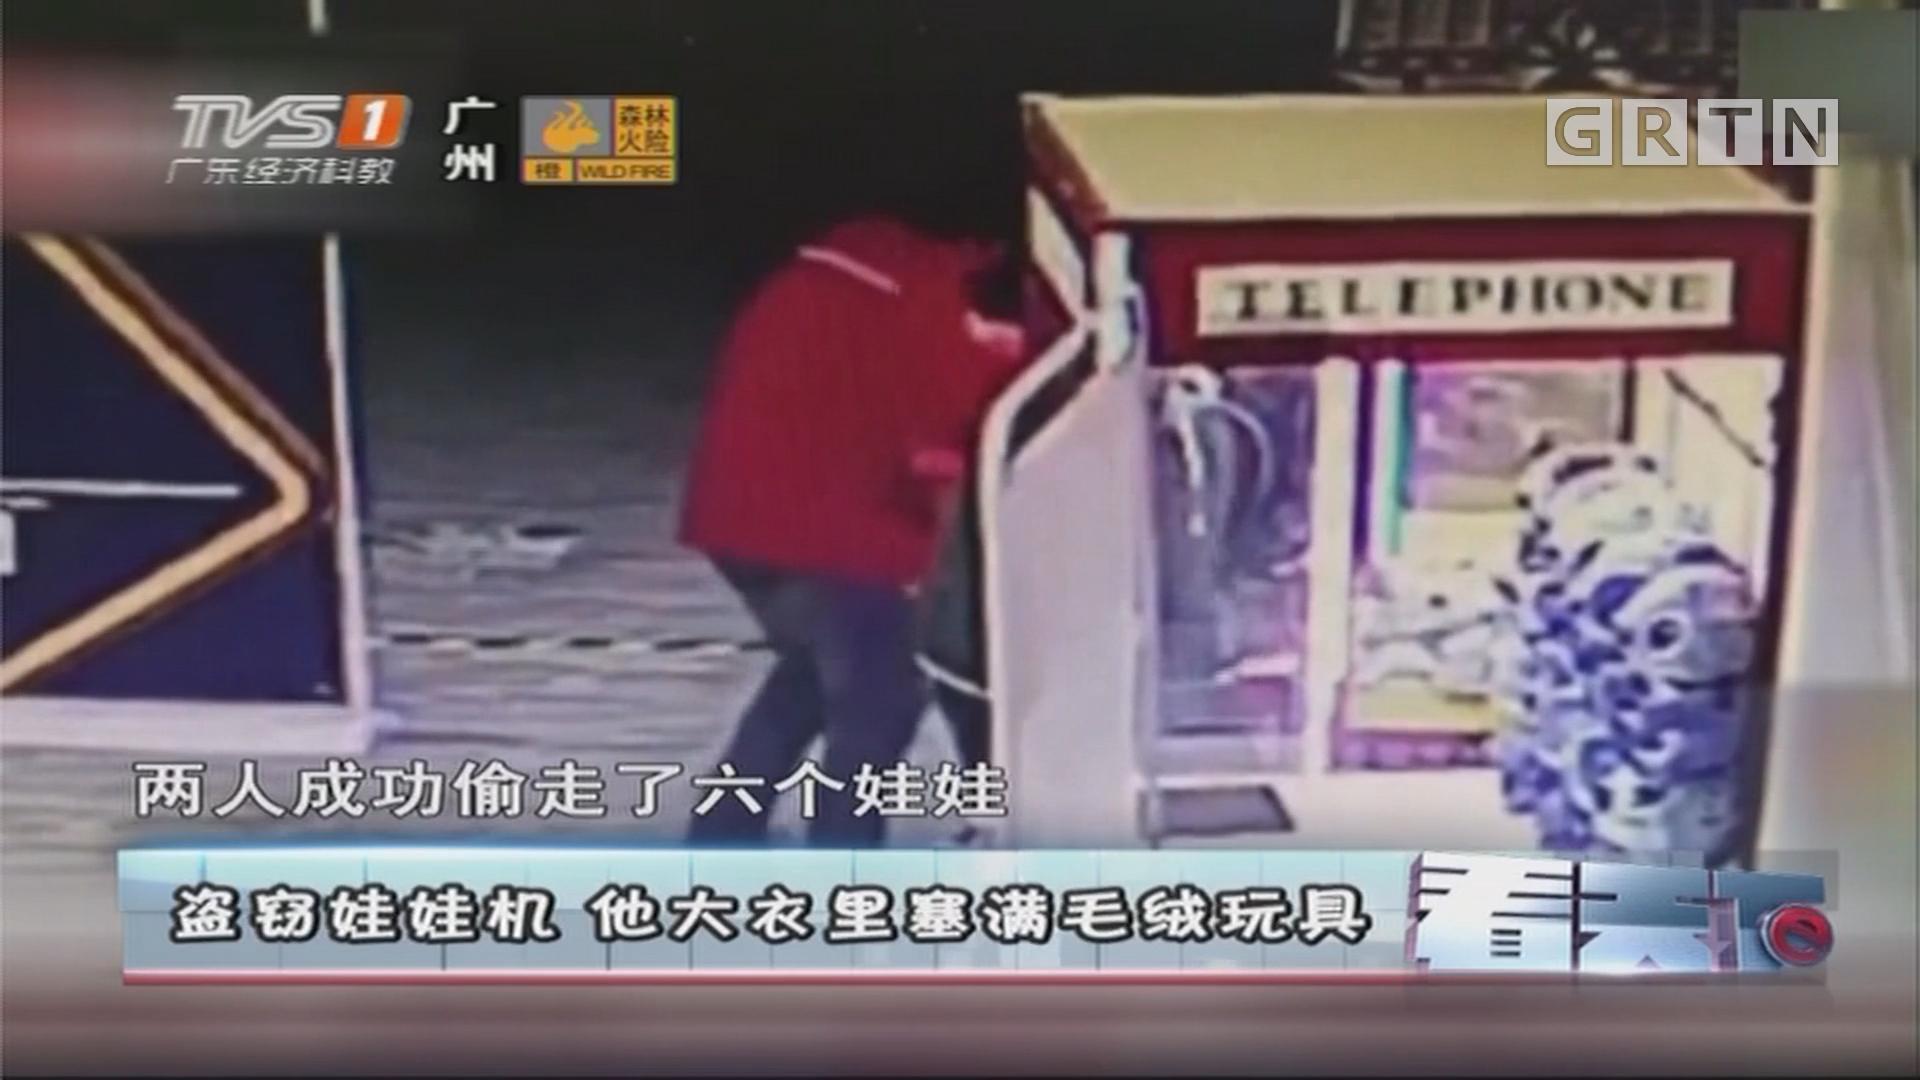 [HD][2018-01-04]看天下:盗窃娃娃机 他大衣里塞满毛绒玩具